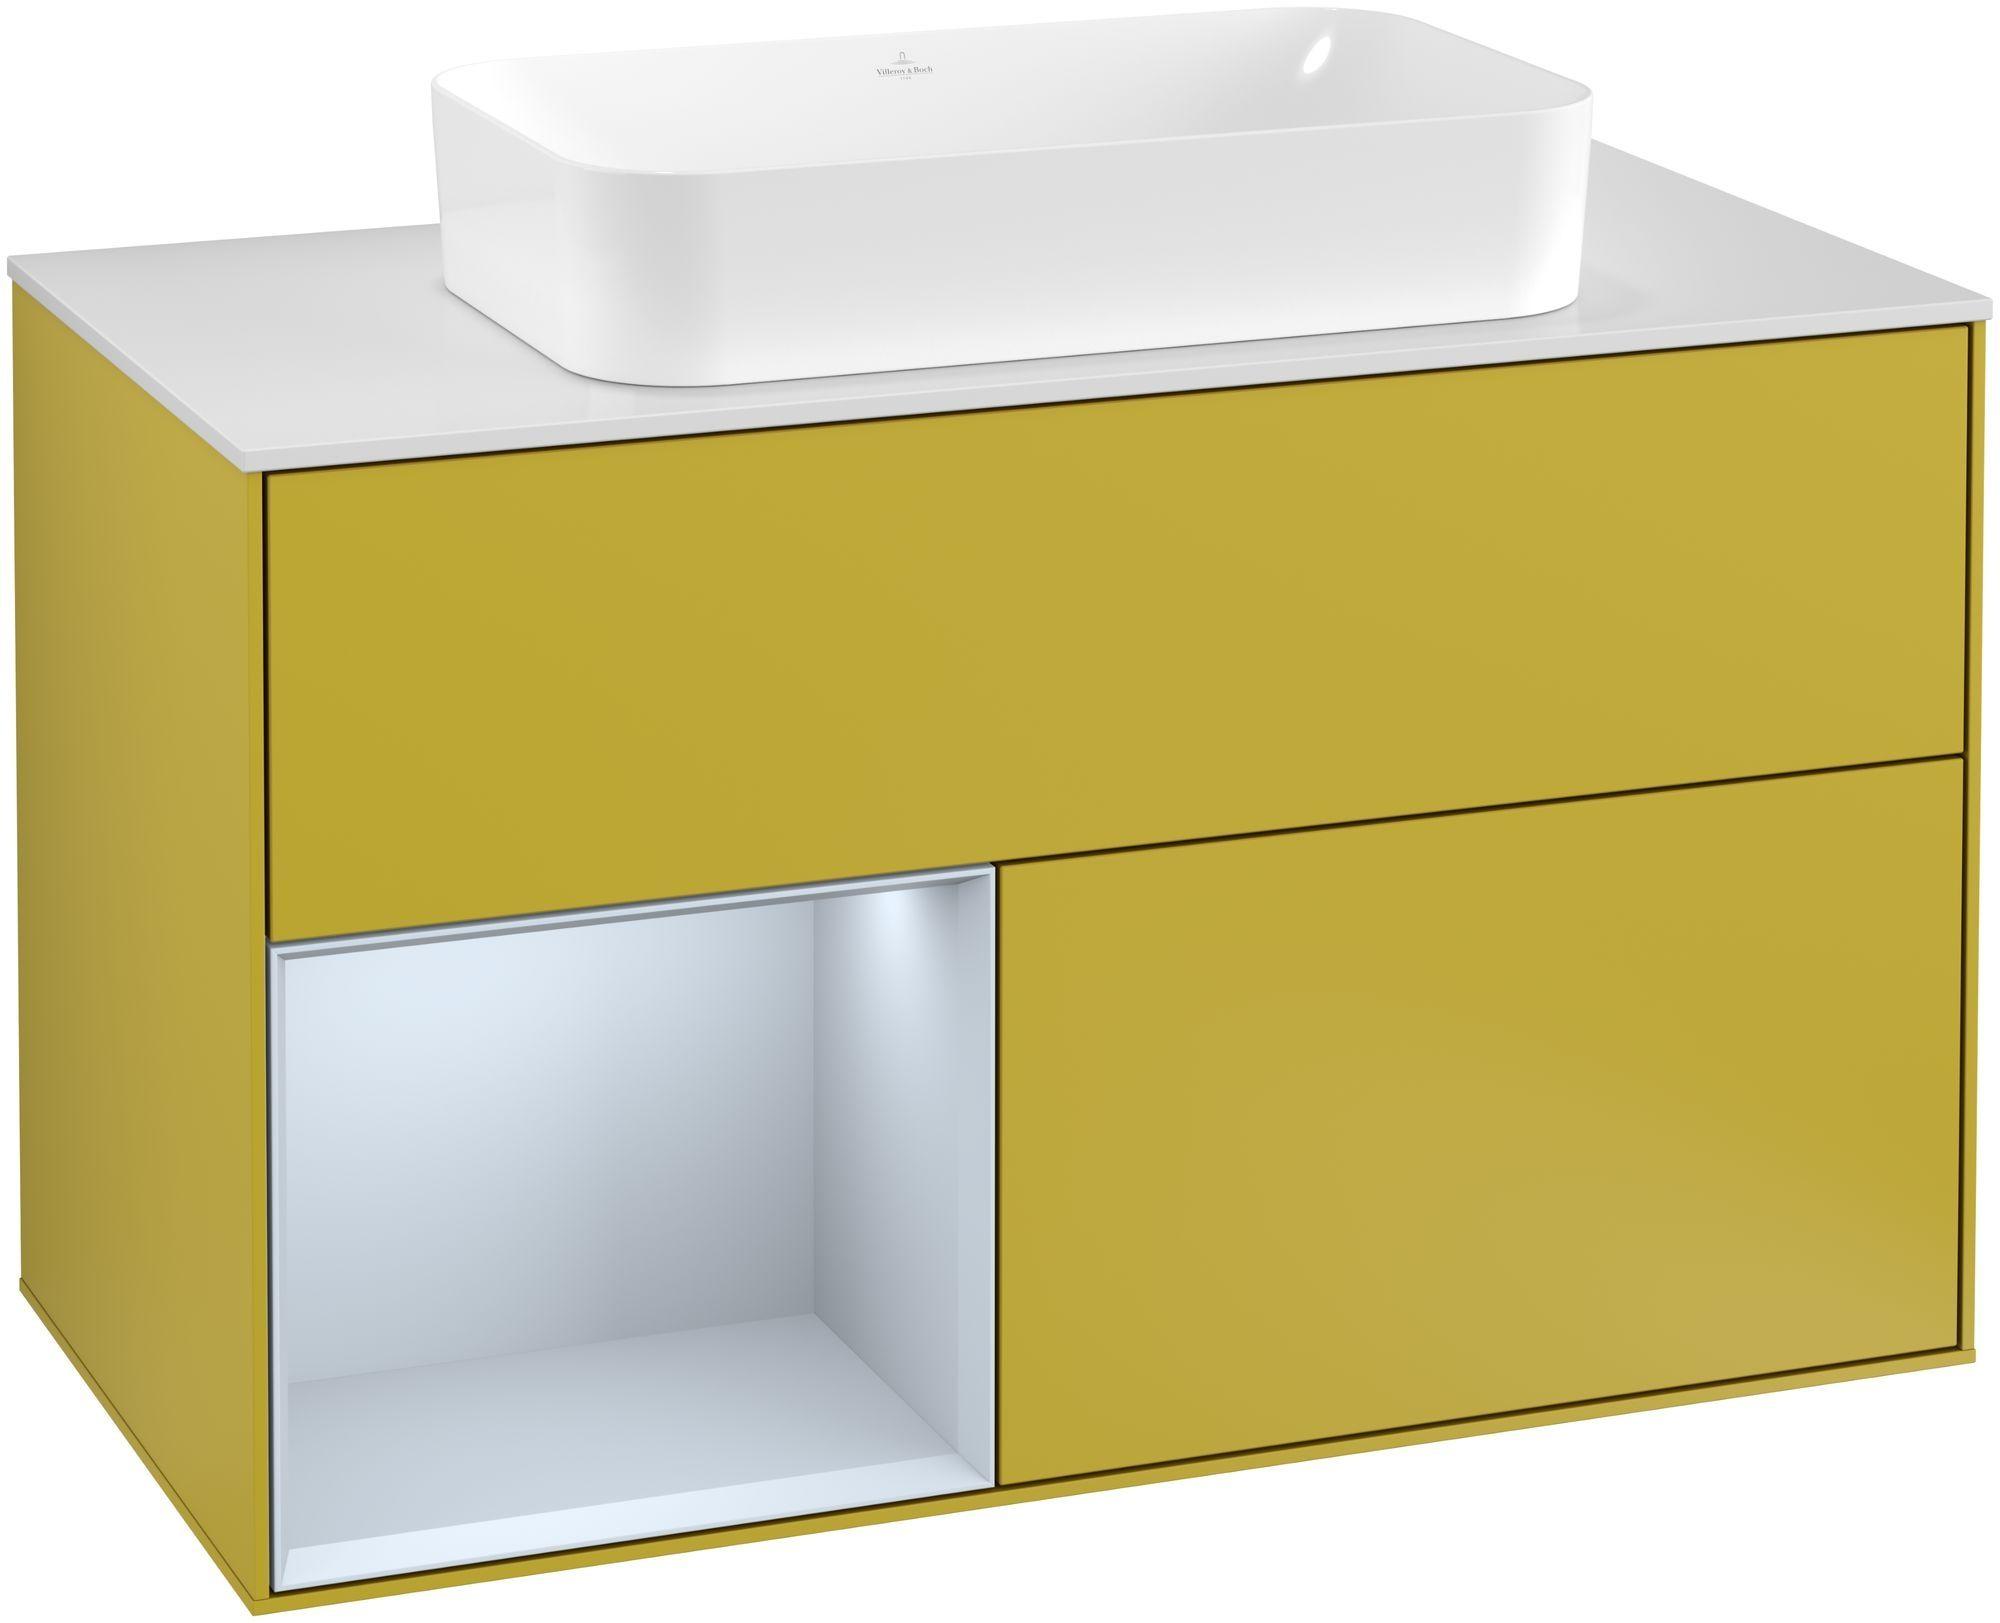 Villeroy & Boch Finion G24 Waschtischunterschrank mit Regalelement 2 Auszüge für WT mittig LED-Beleuchtung B:100xH:60,3xT:50,1cm Front, Korpus: Sun, Regal: Cloud, Glasplatte: White Matt G241HAHE